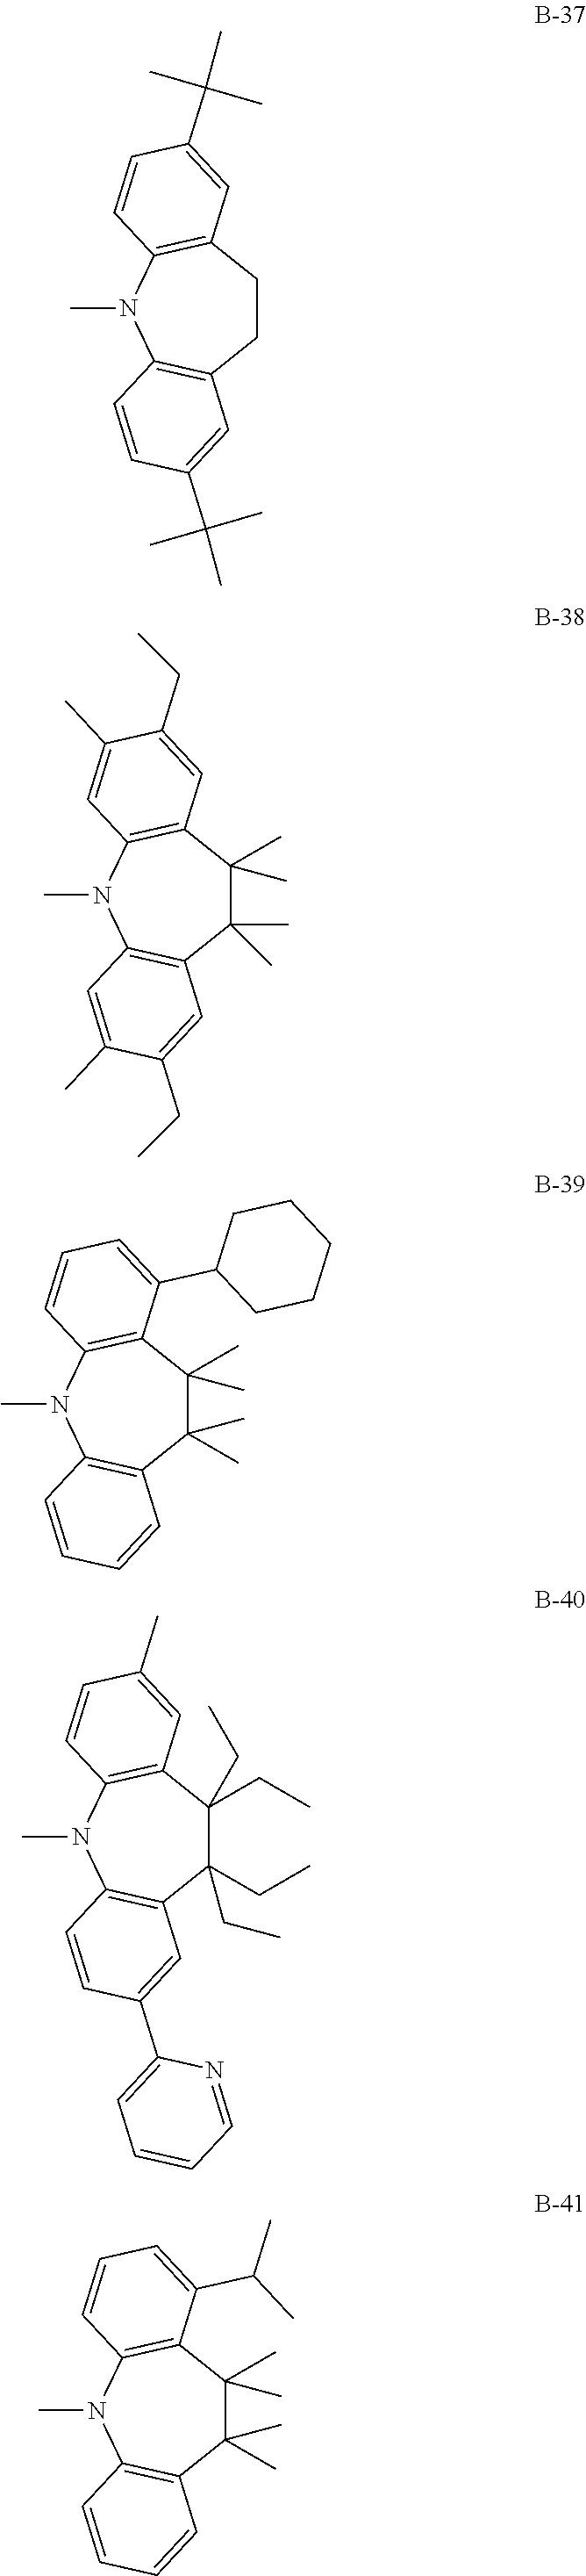 Figure US08847141-20140930-C00037